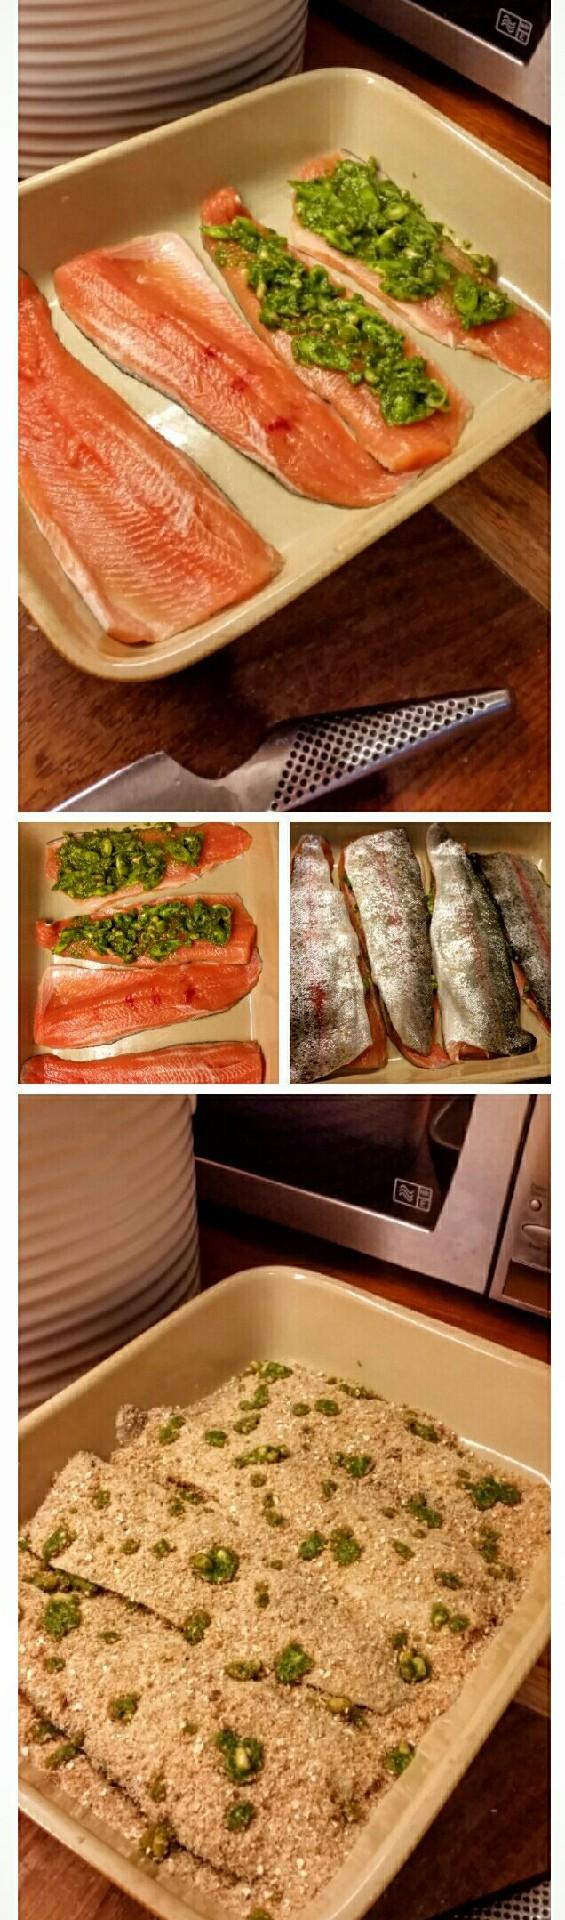 Ryba wpływa na wszystko :P czyli: Pieczony pstrąg z pesto, szczypiorkiem pod chrupiącą kołderką. (piec 25min w 240°C) banalnie prosty sposób na rybę. Uwielbiam  (ostatnie foto jest przed upieczeniem)